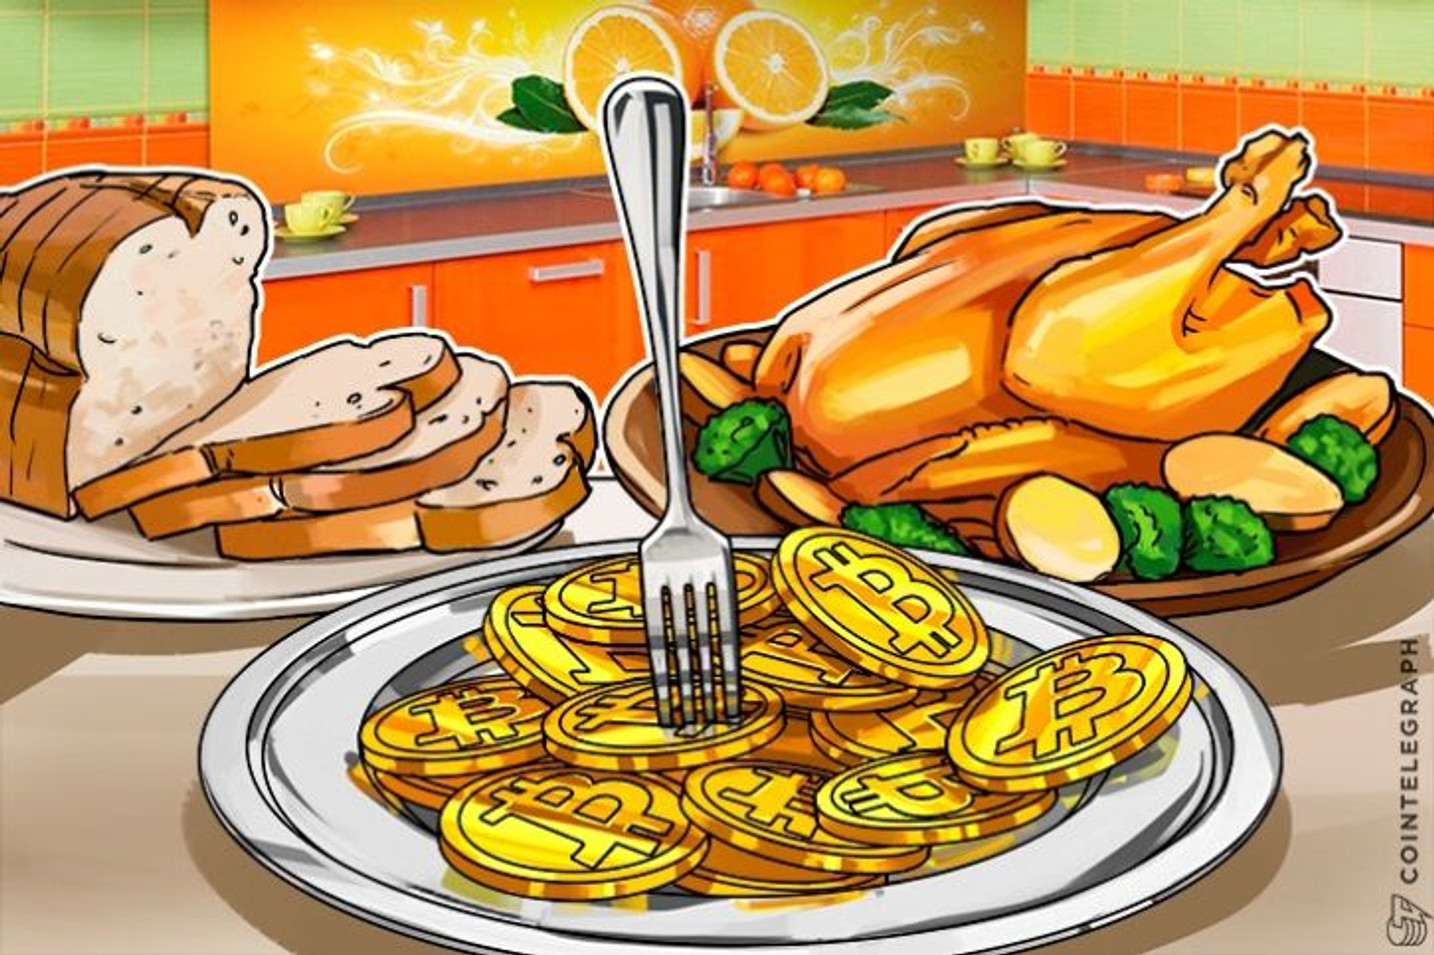 Vender 'ShitCoin2x' inmediatamente para obtener el mejor beneficio: dice el intercambio Bitcoin, BitMEX, a los comerciantes